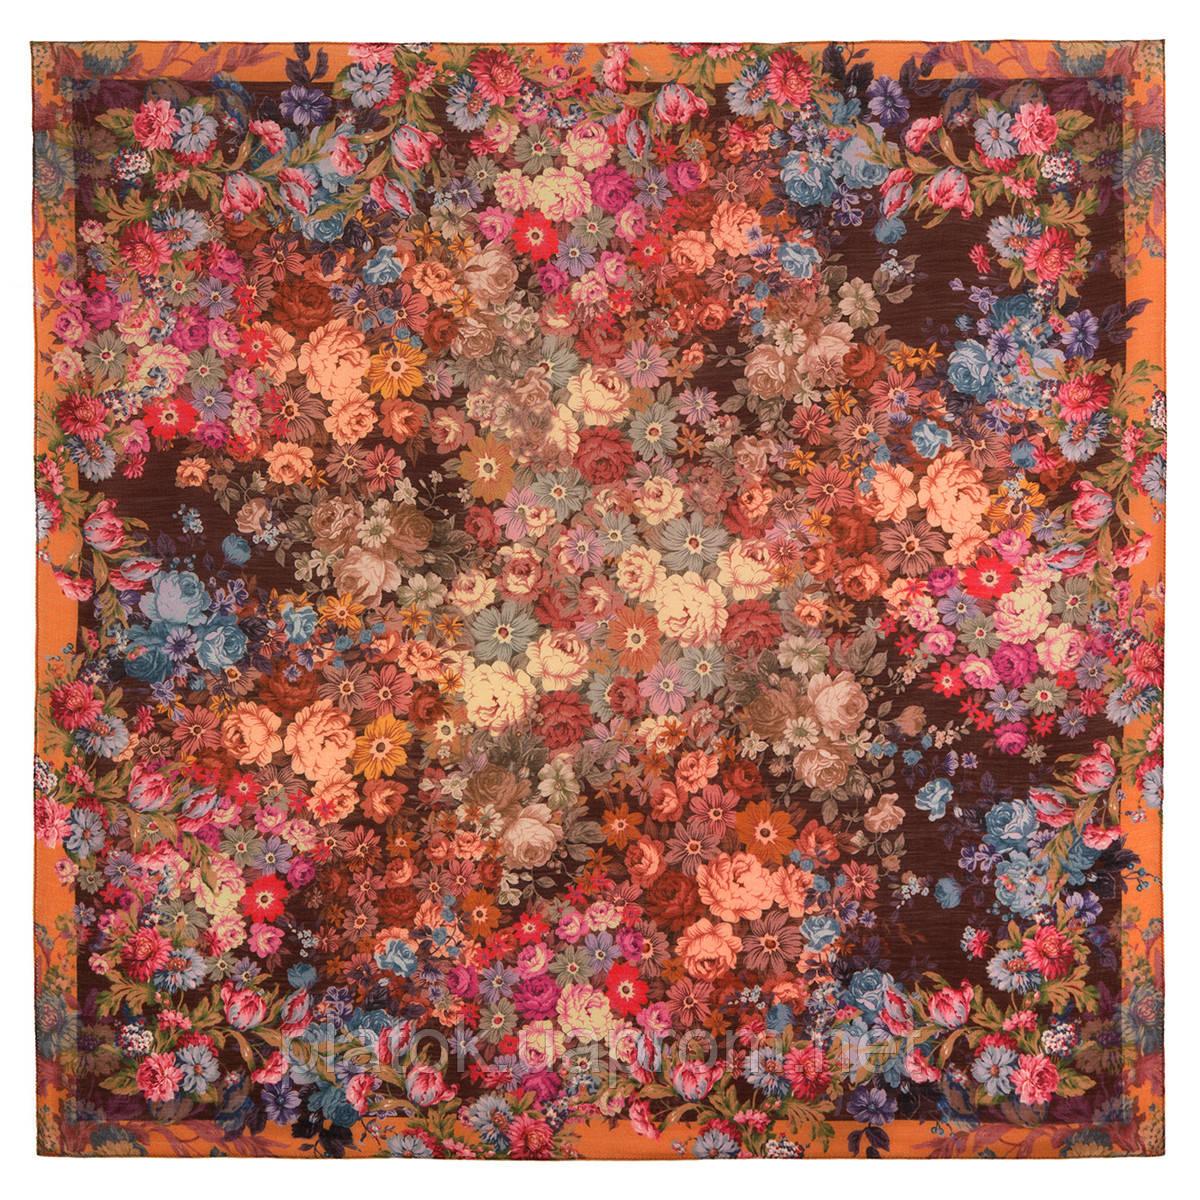 10200-16, павлопосадский платок шерстяной (разреженная шерсть) с швом зиг-заг